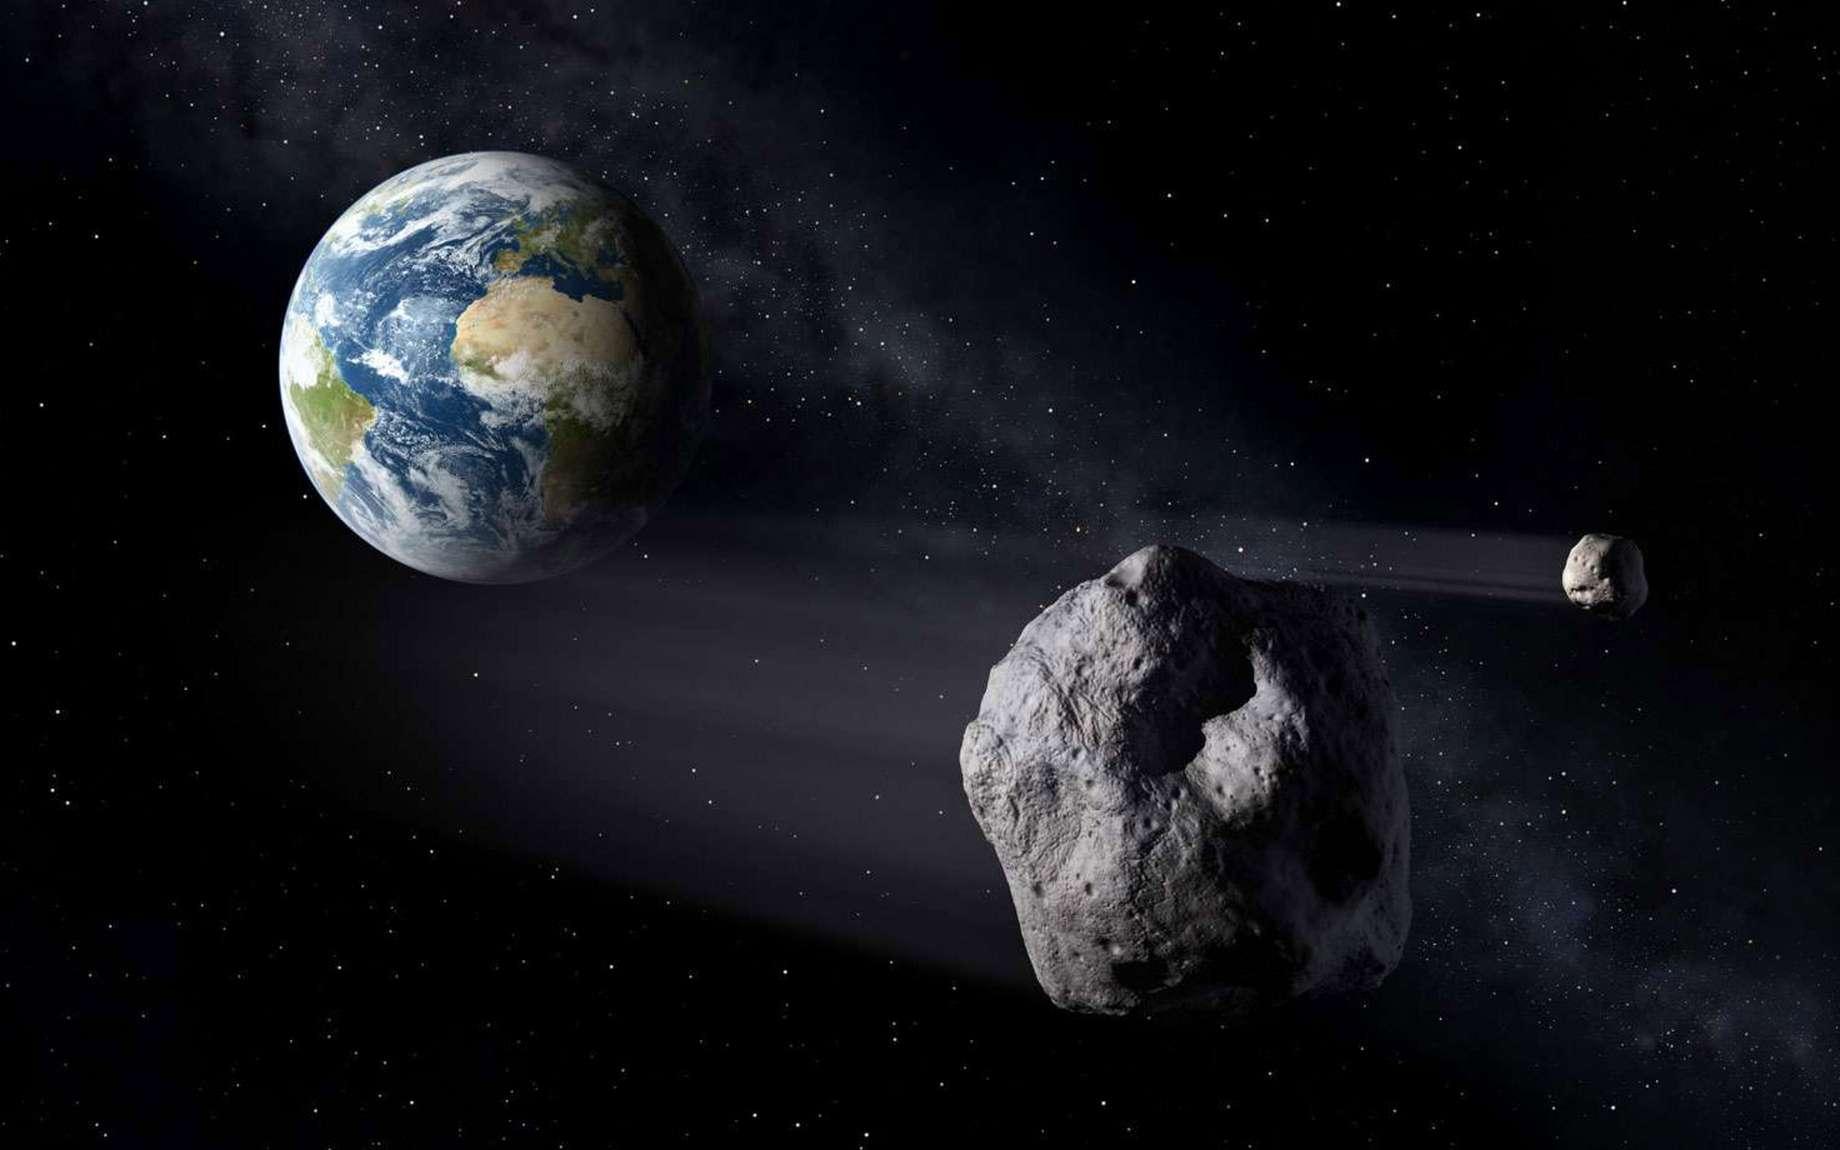 Pour protéger la Terre des astéroïdes, l'ONU veut un effort mondial. Les instruments actuels permettraient, techniquement, de repérer tous les géocroiseurs. Mais il n'y a pas un astronome derrière chaque cliché... Lorsqu'un astéroïde est détecté à proximité de la Terre, on s'aperçoit, dans la plupart des cas, que l'objet avait déjà été photographié plusieurs années auparavant. © ESA